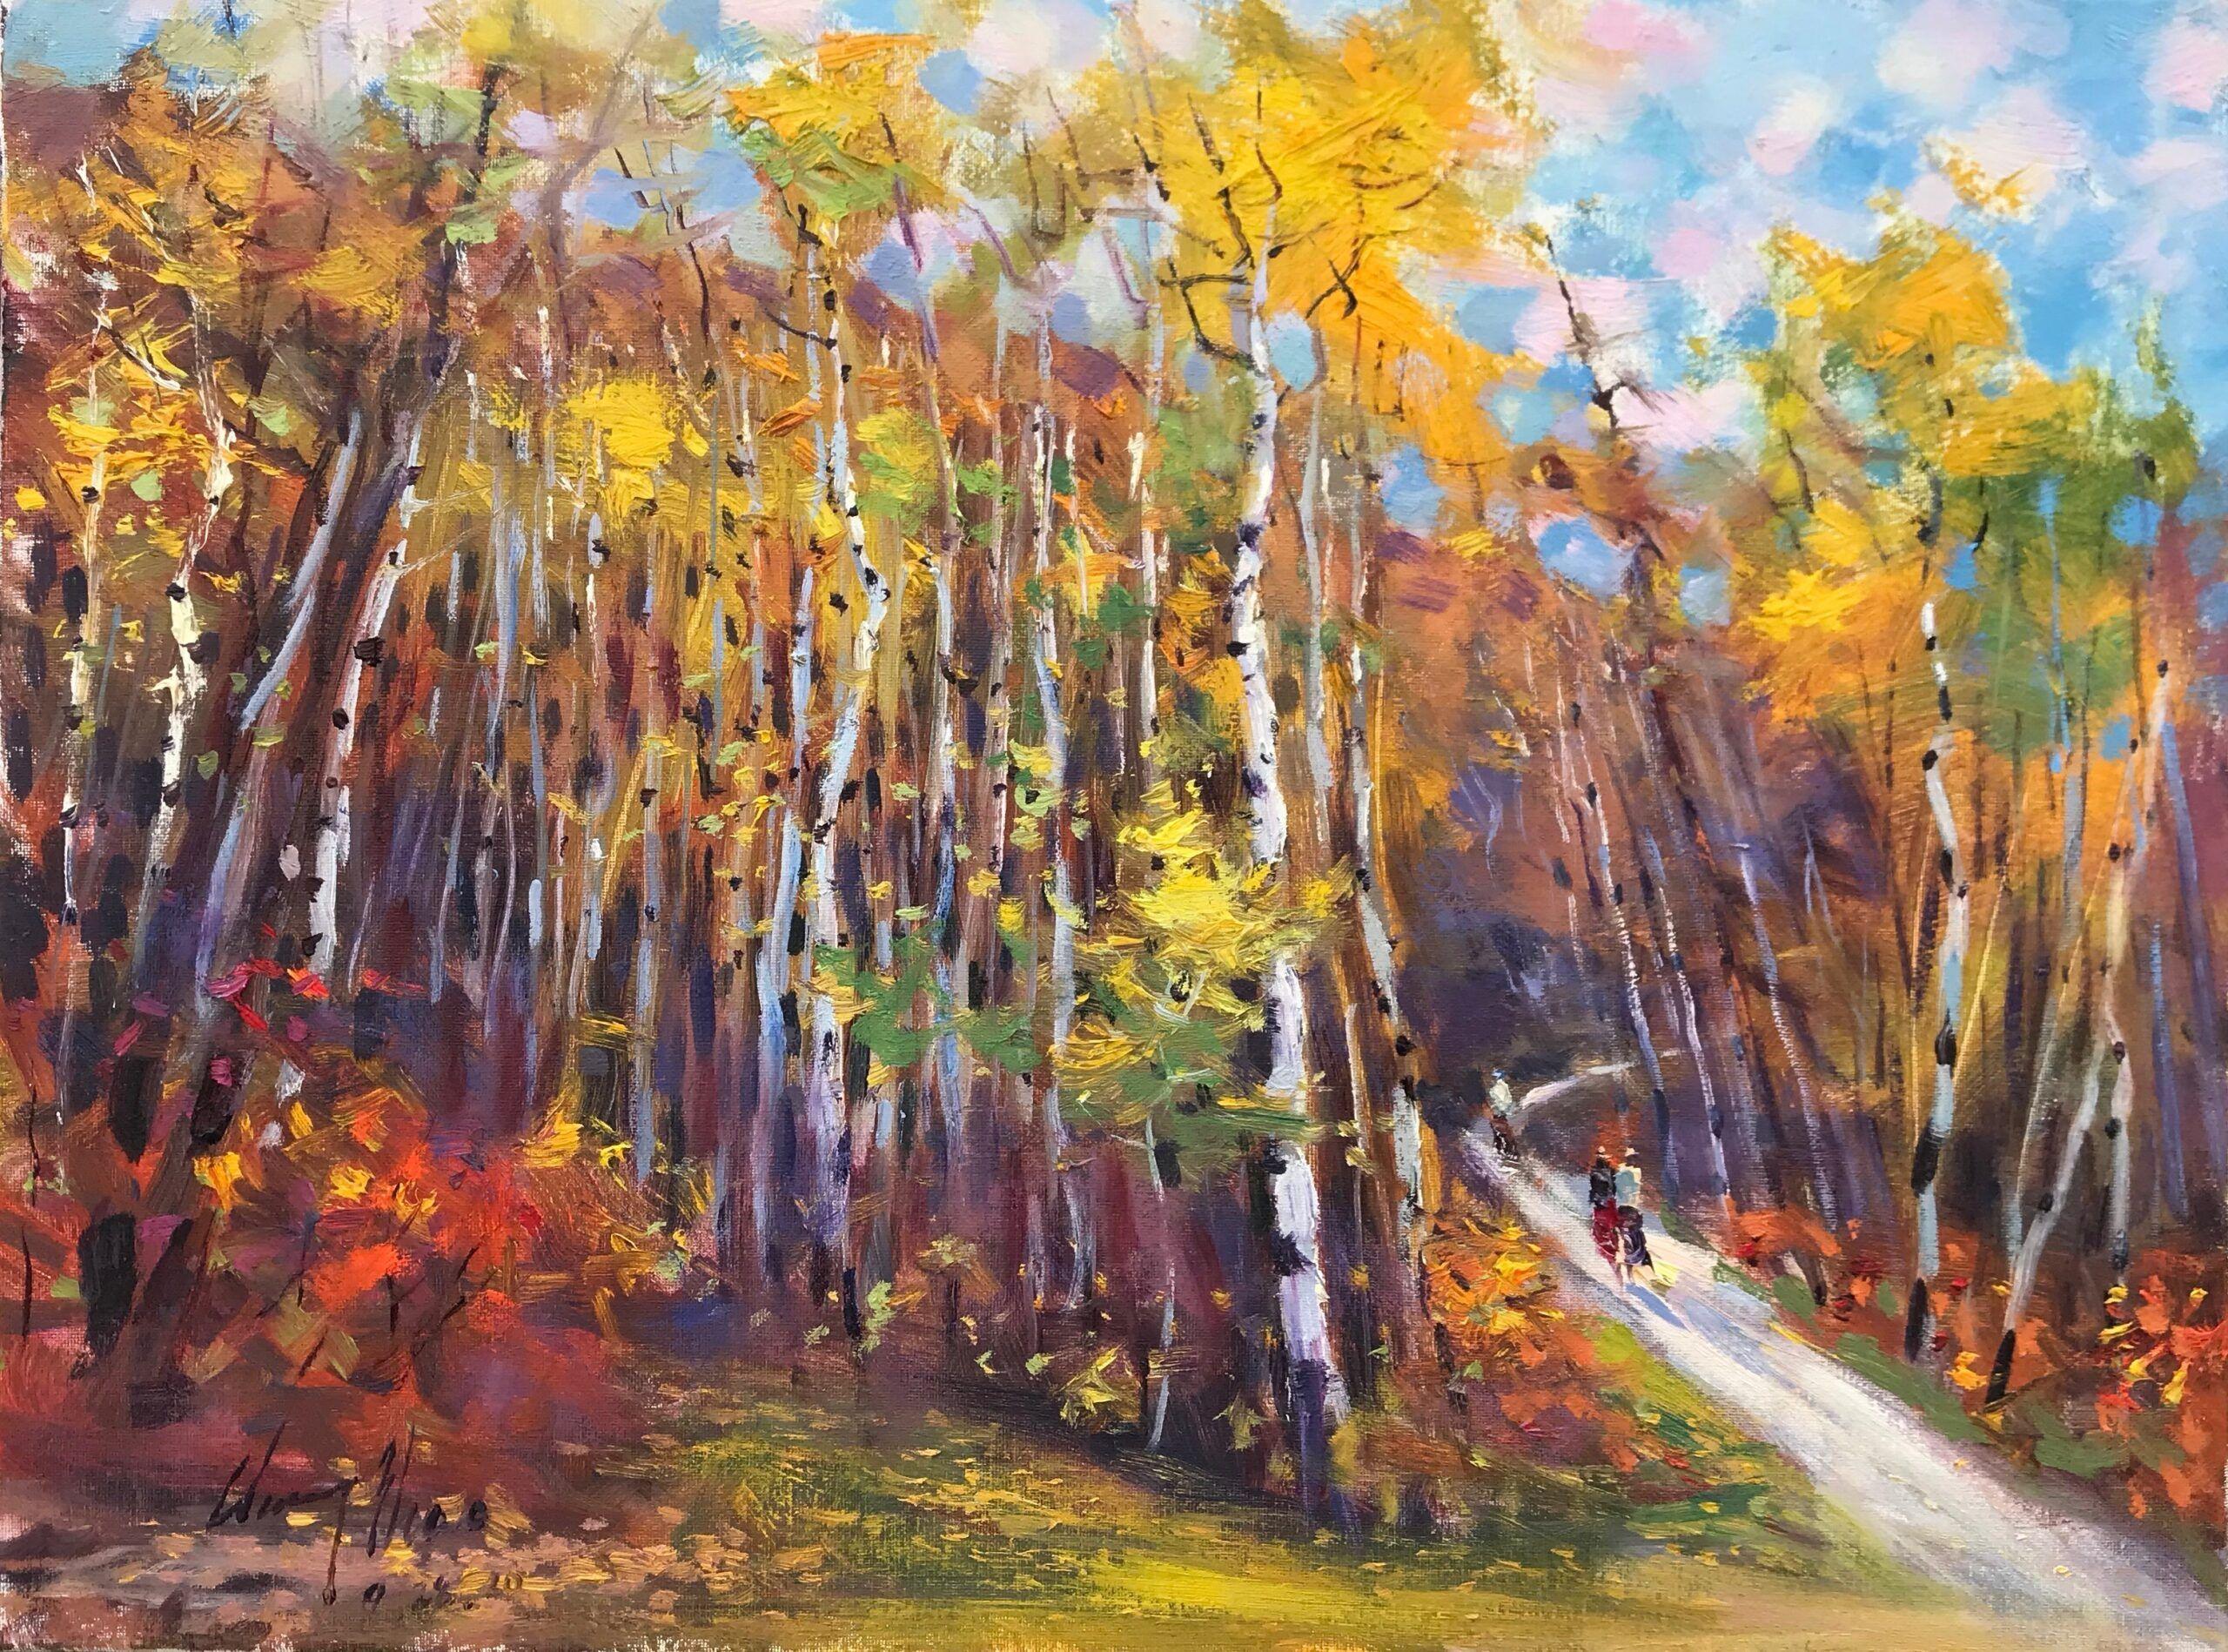 Aspen Wood in Big Valley